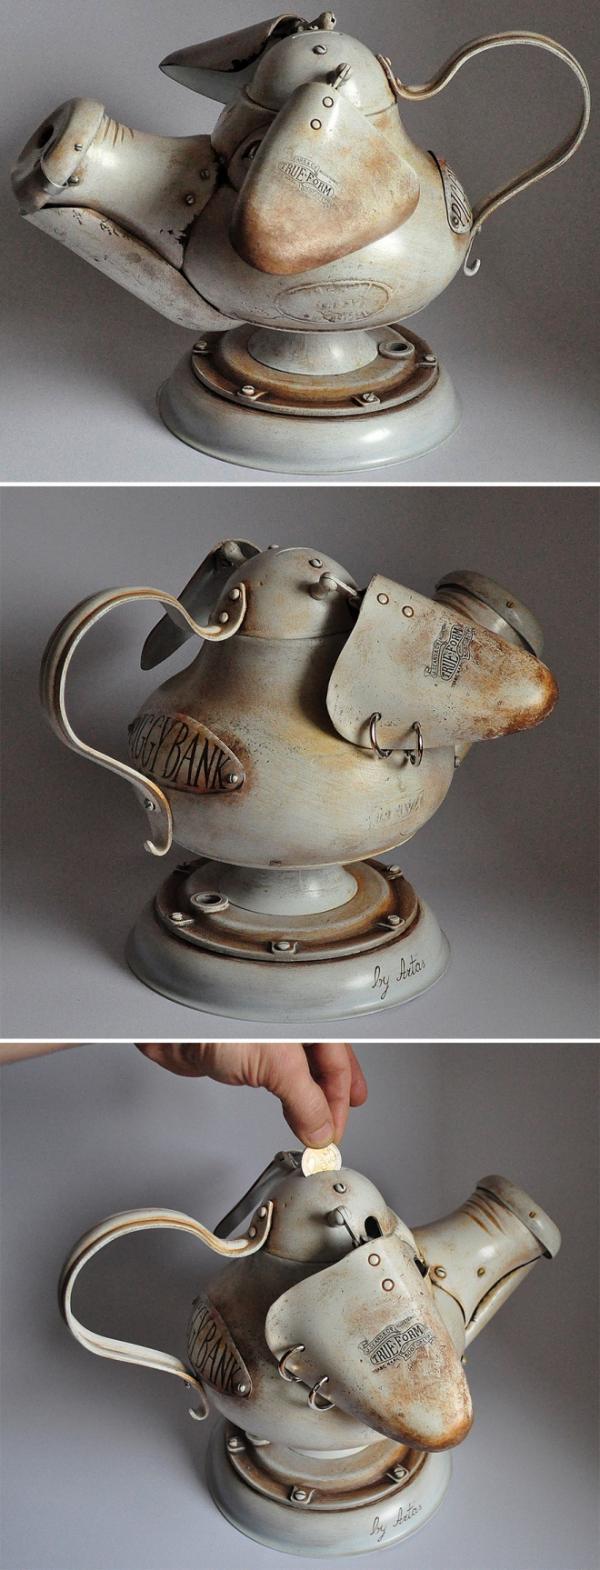 Ніщо не пропаде: фантастичні скульптури зі сміття (ФОТО)